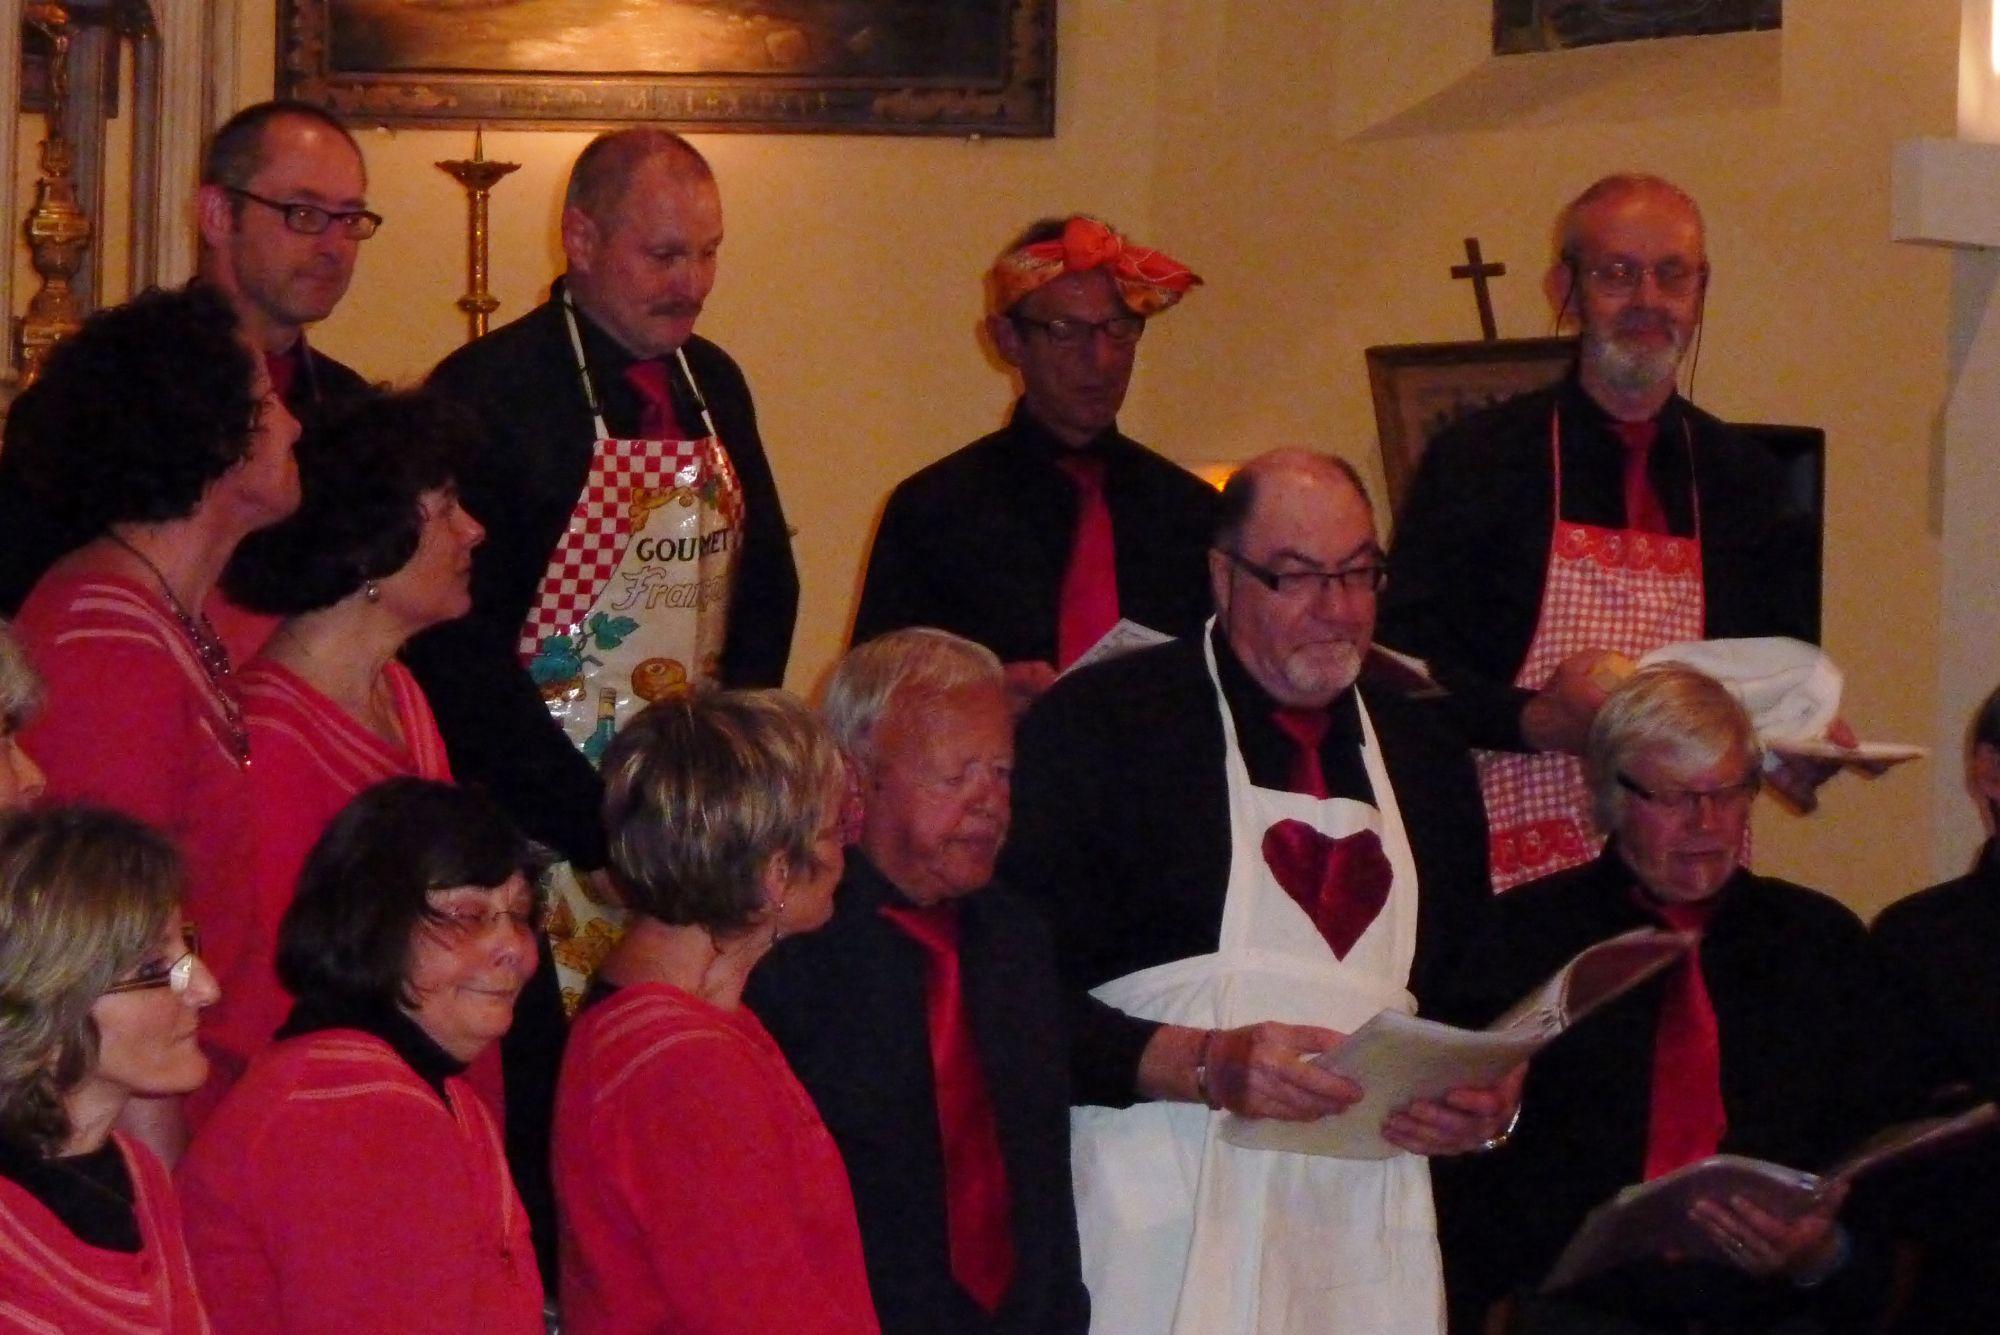 Quand les hommes chantent la vaisselle ... 8 juin 2013